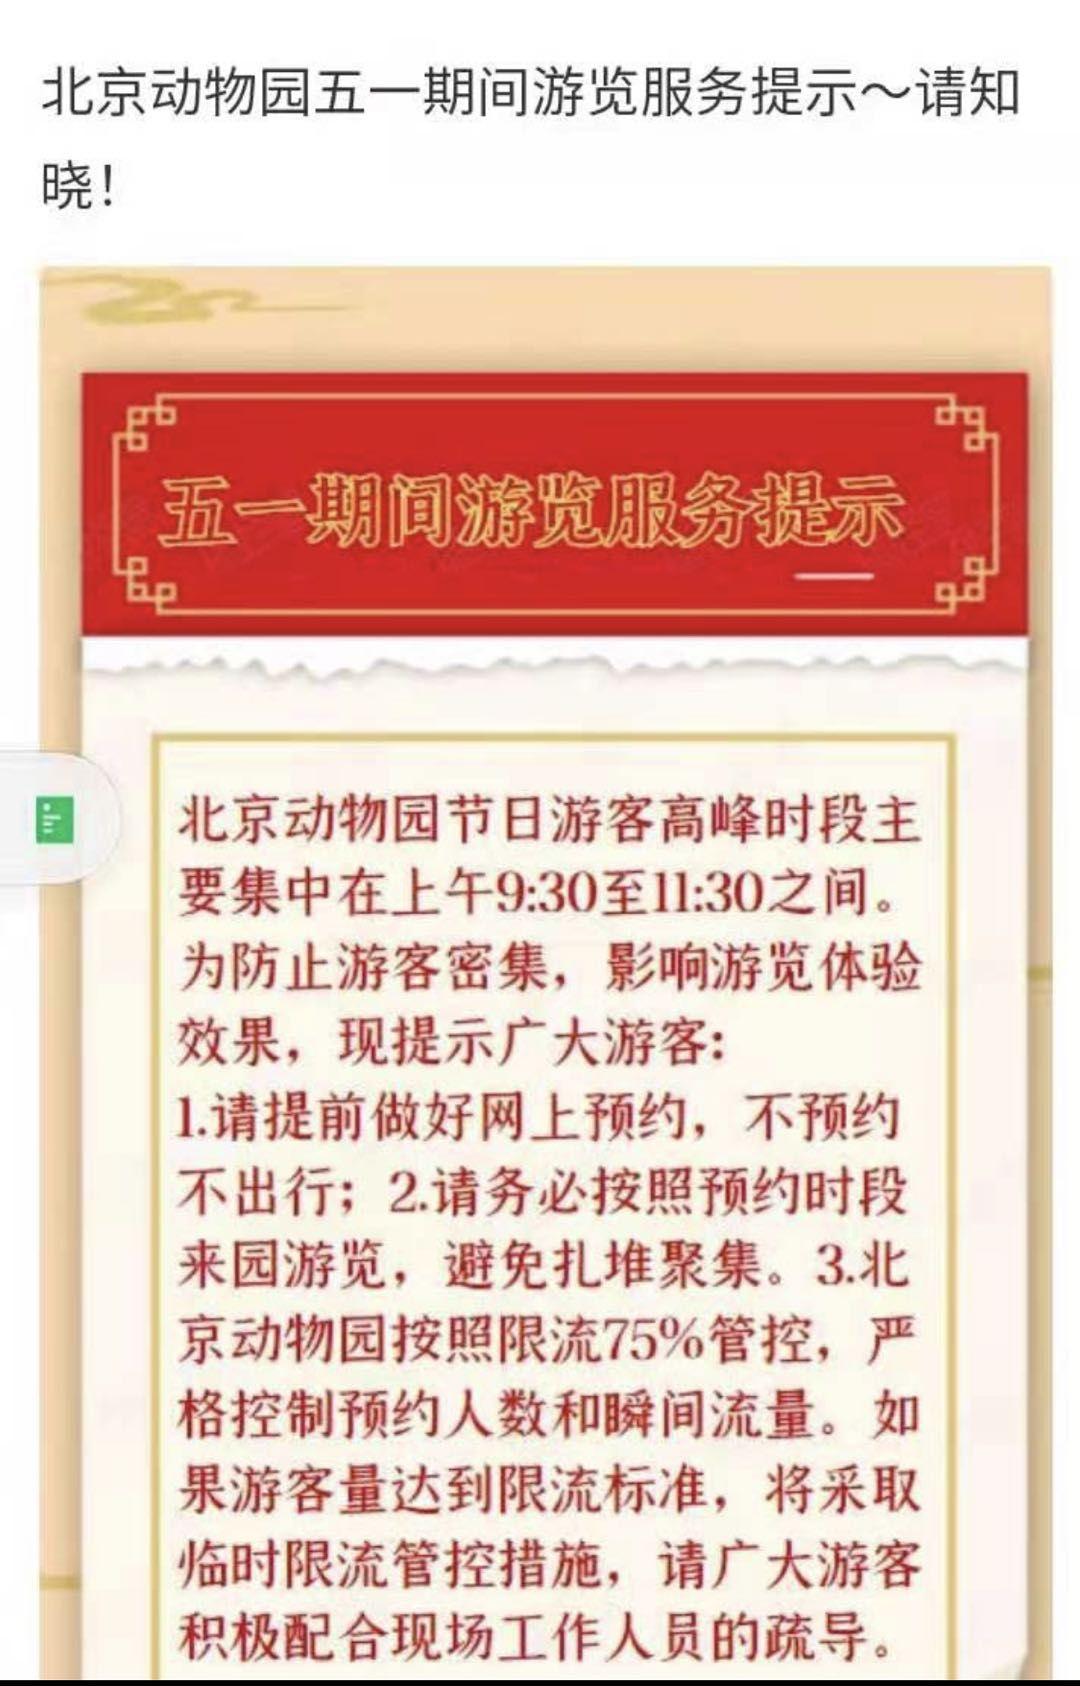 北京动物园发布假日游览提示,高峰期为9点半至11点半